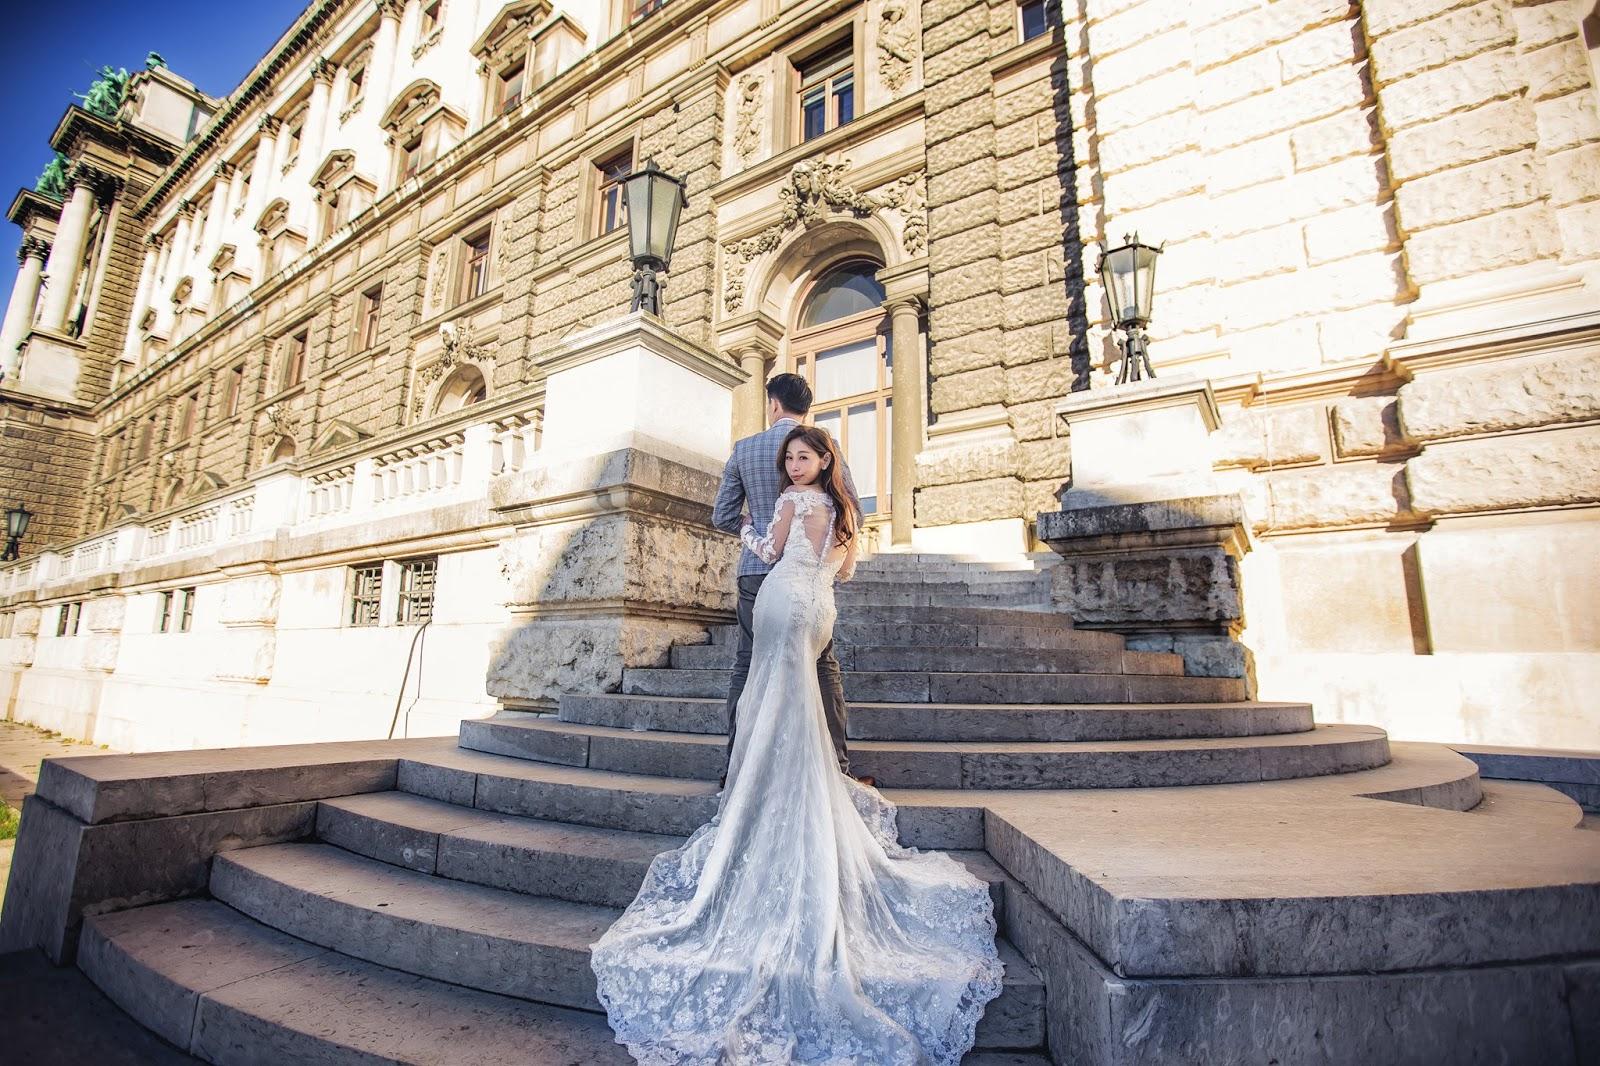 維也納婚紗 wien Vienna 奧地利 海外婚紗 布拉格PRAGUE婚紗 哈爾施塔特 世界最美的小鎮 法國巴黎麵包 威尼斯水都自助遊 婚攝小布哥 維也納必吃豬肋排 教堂婚紗